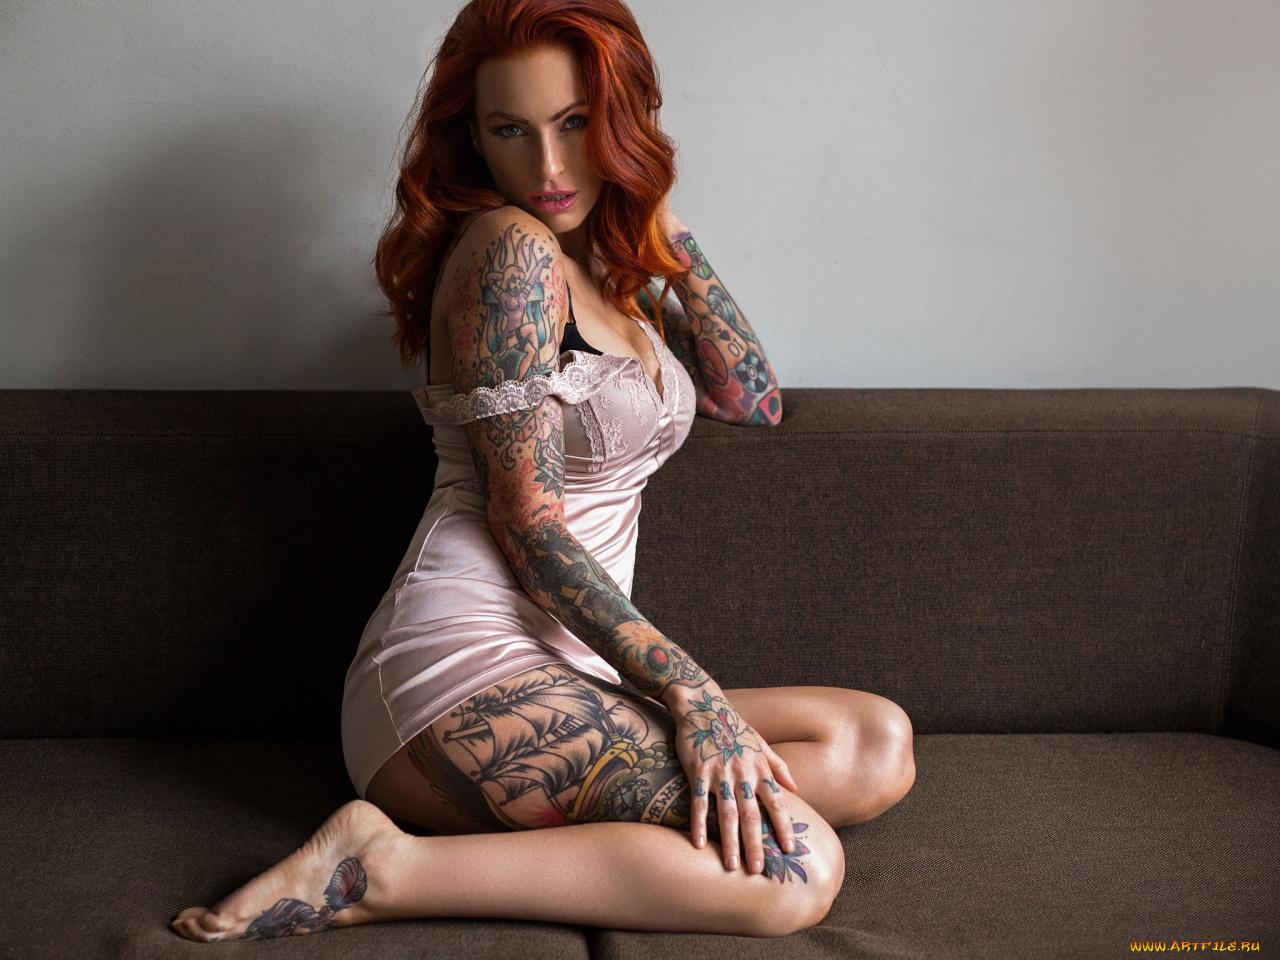 Рыжая девушка с наколкой на спине фото, Голая рыжая девушка с татуировками Похожие фото 13 фотография